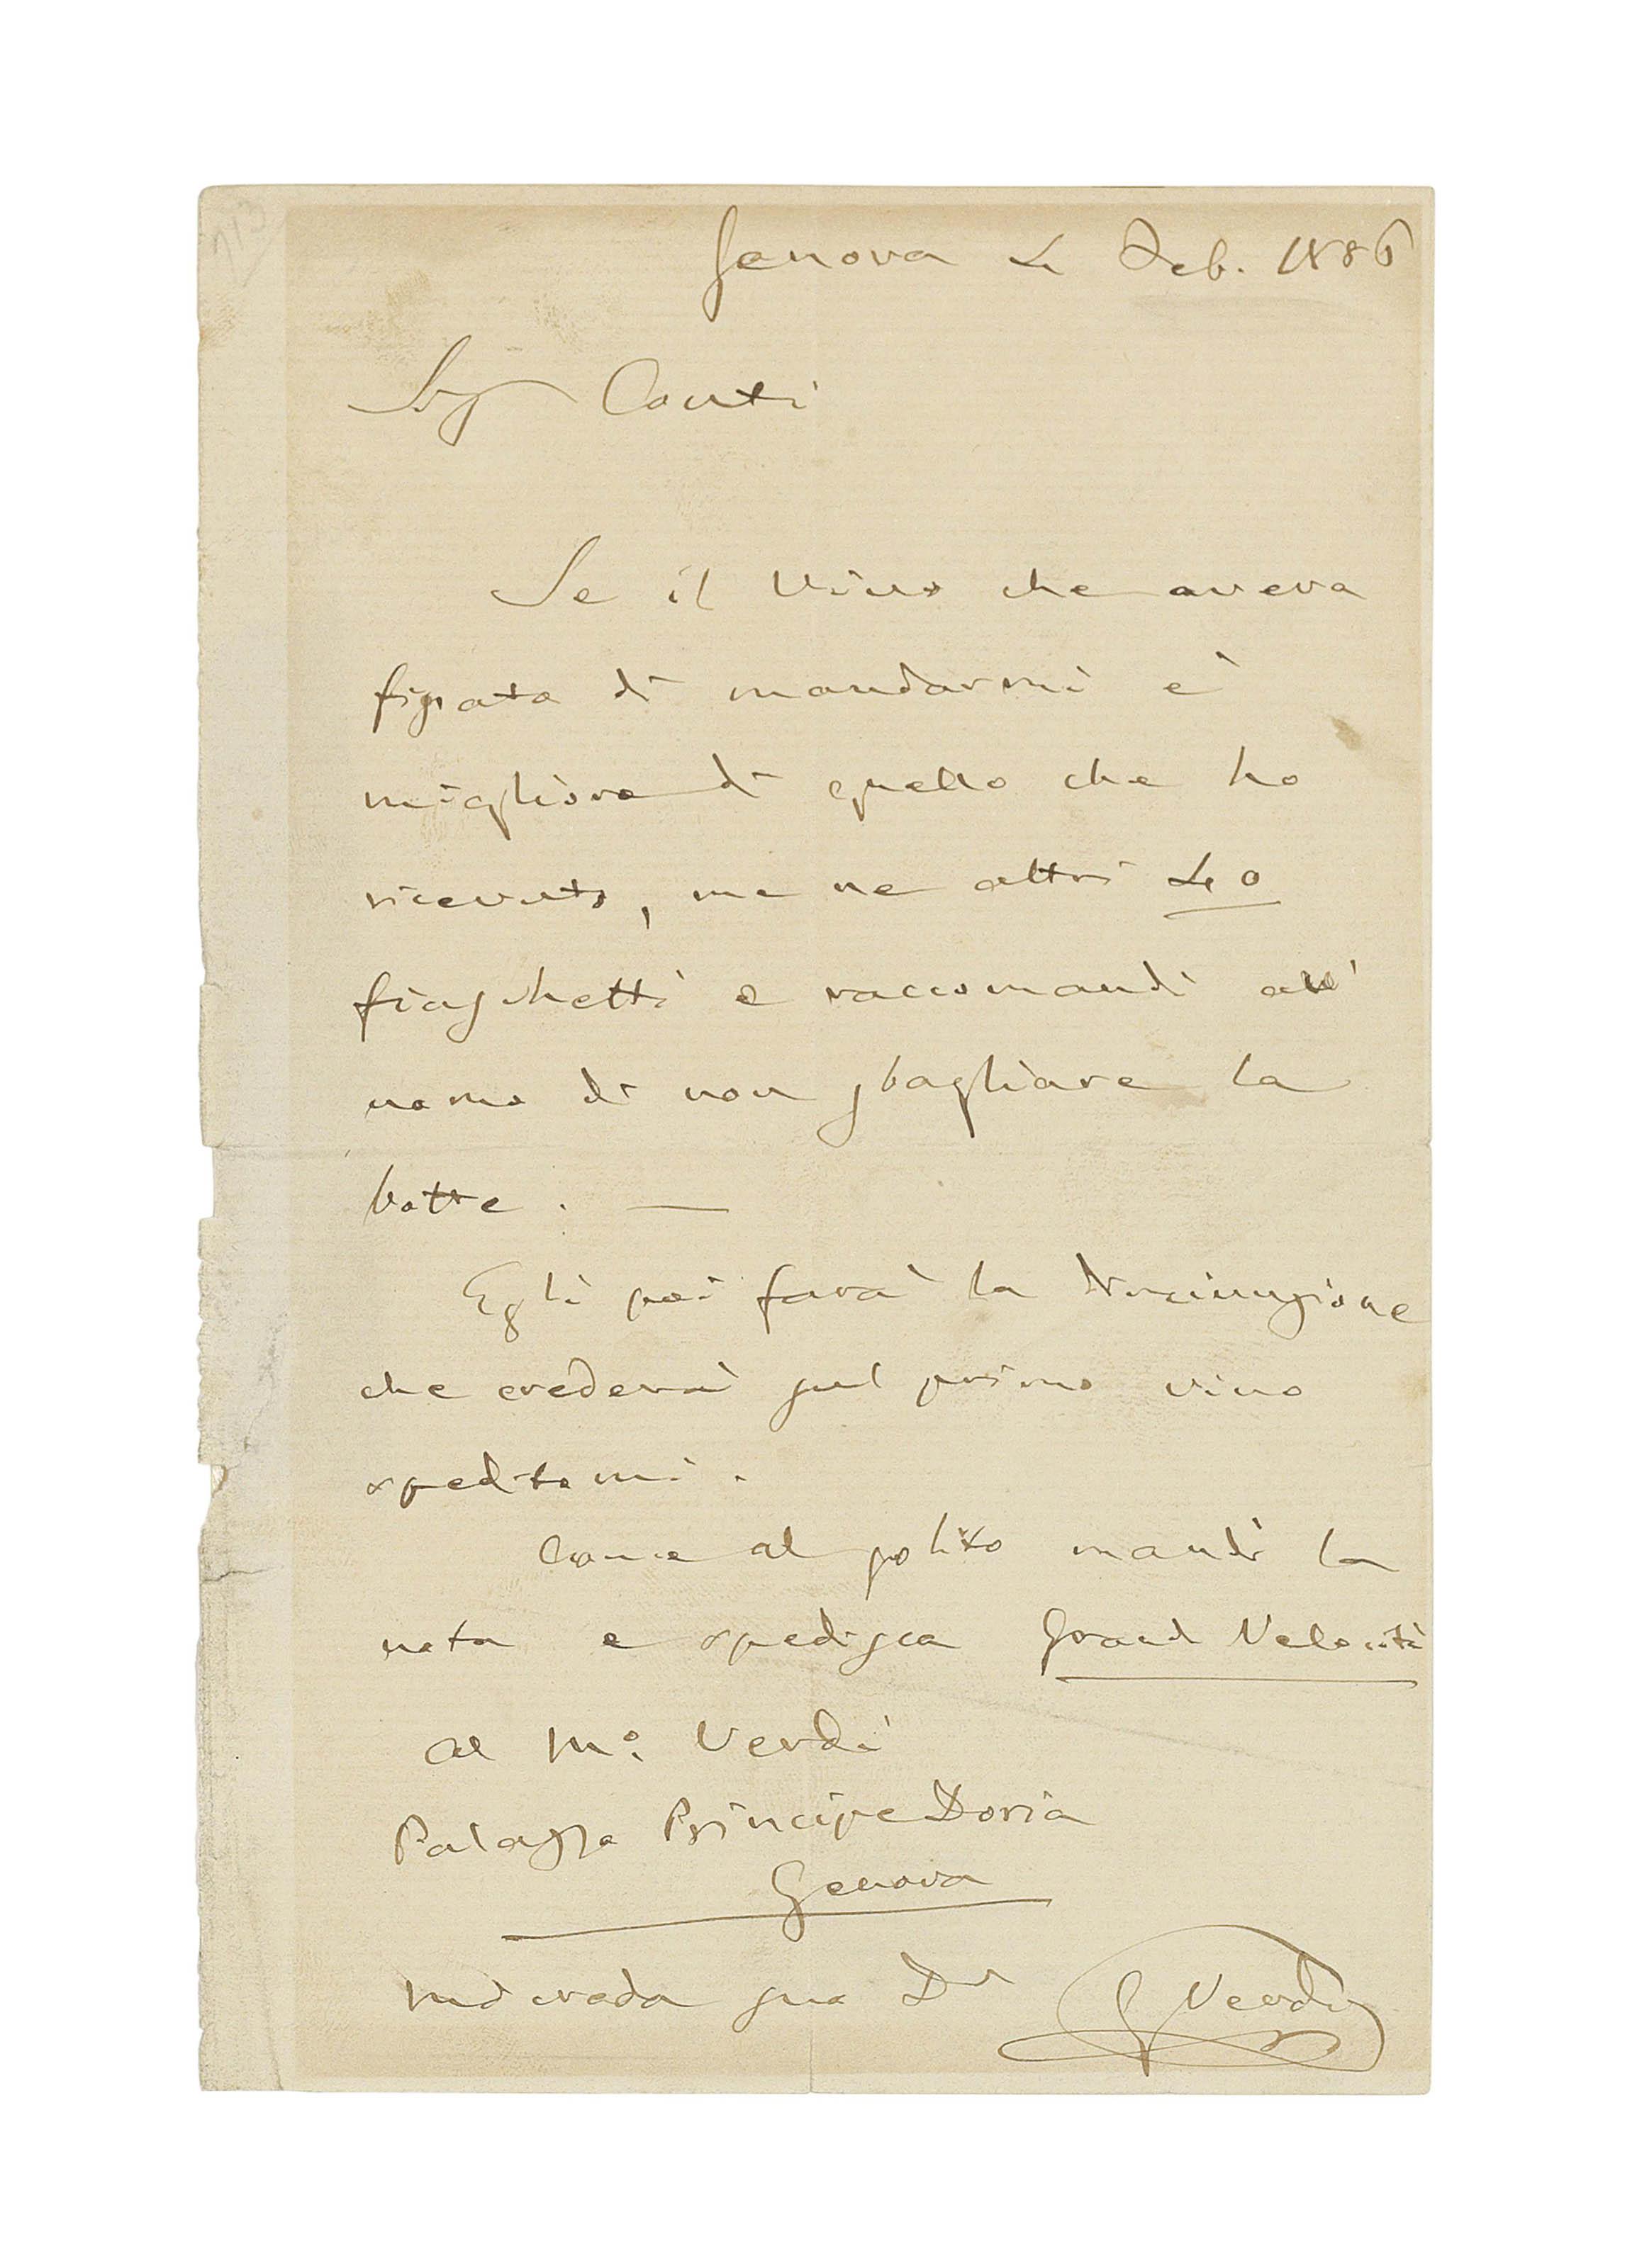 VERDI, Giuseppe (1813-1901). Autograph letter signed ('G. Verdi') to Pasquale Conti, Genoa, 4 February 1886, on a wine order, 'Se il vino che aveva fissato di mandarmi è migliore di quello che ho ricevuto, me ne altri 40 fiaschetti e raccomandi al' uomo di non sbagliare la botte' ('If the wine you had intended to send me is better than the one I received, [send] me another 40 bottles and tell the man not to mix up the barrels'), asking for it to be sent 'Grand Velocità', one page, 8vo (some yellowing where mounted, minor wear to left margin, traces of tape to verso); envelope.